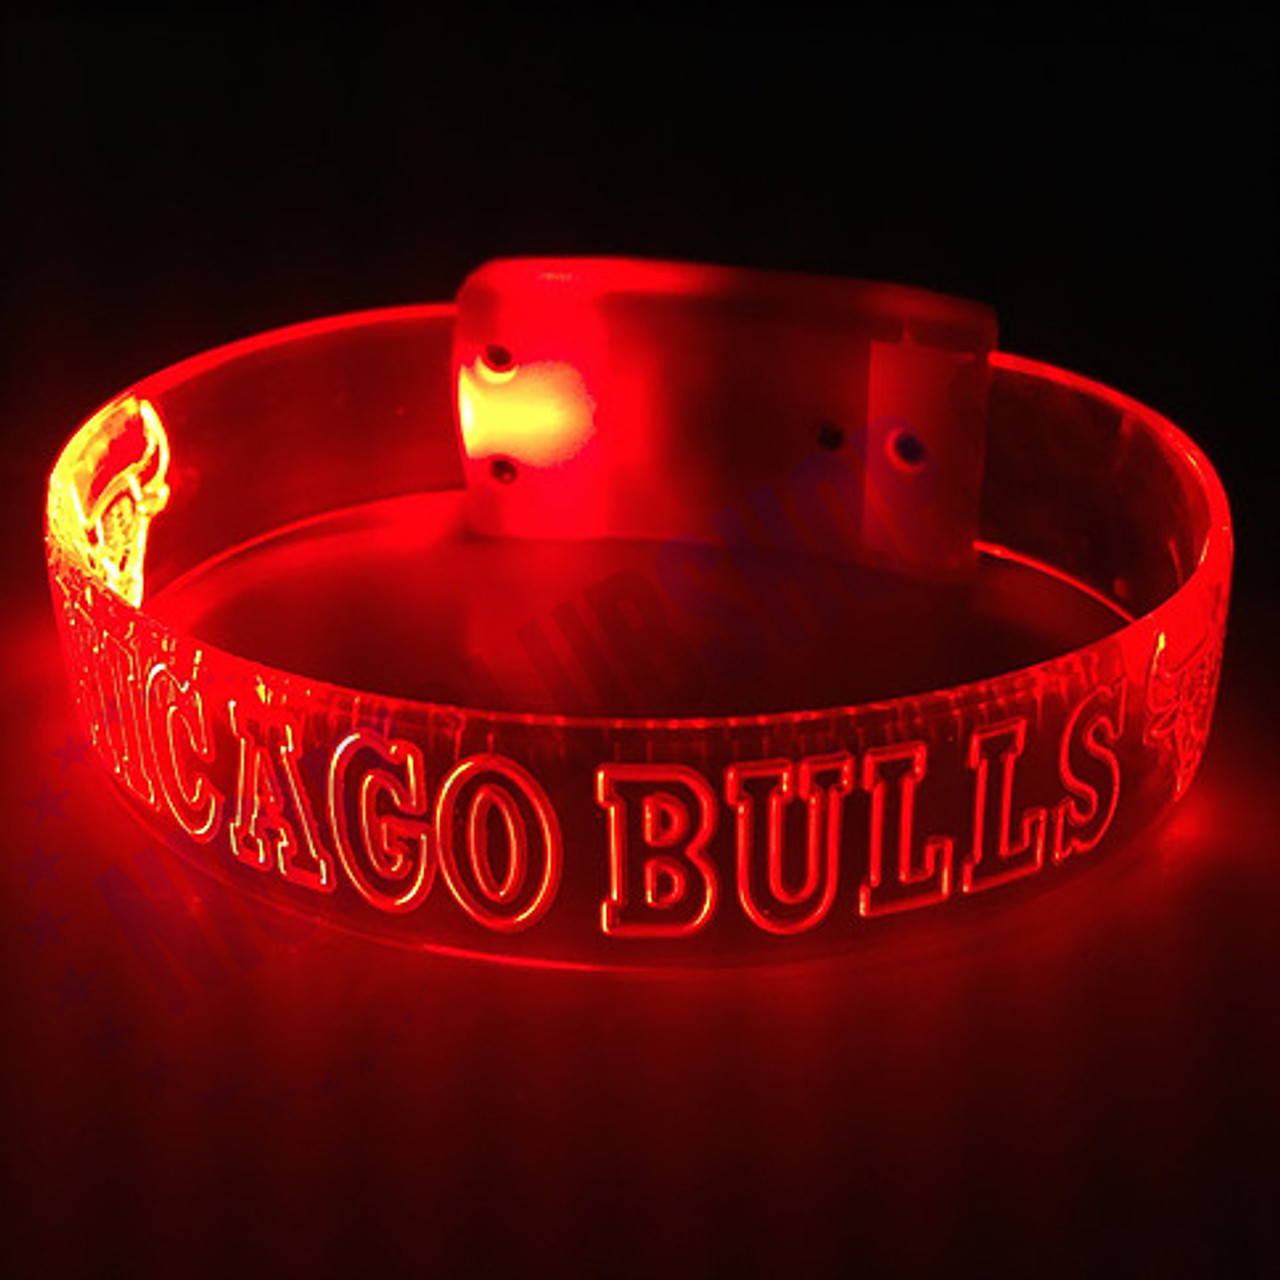 LED, wristband, wholesale, pricing, bulk, LED Bands, Band, personalized, custom, brandingLED, bride, groom, Light up, Light, Iluminated, Glow, Wristband, wrist Band, Bracelet, Band, Personalized, Custom, LED Wristband, VIP